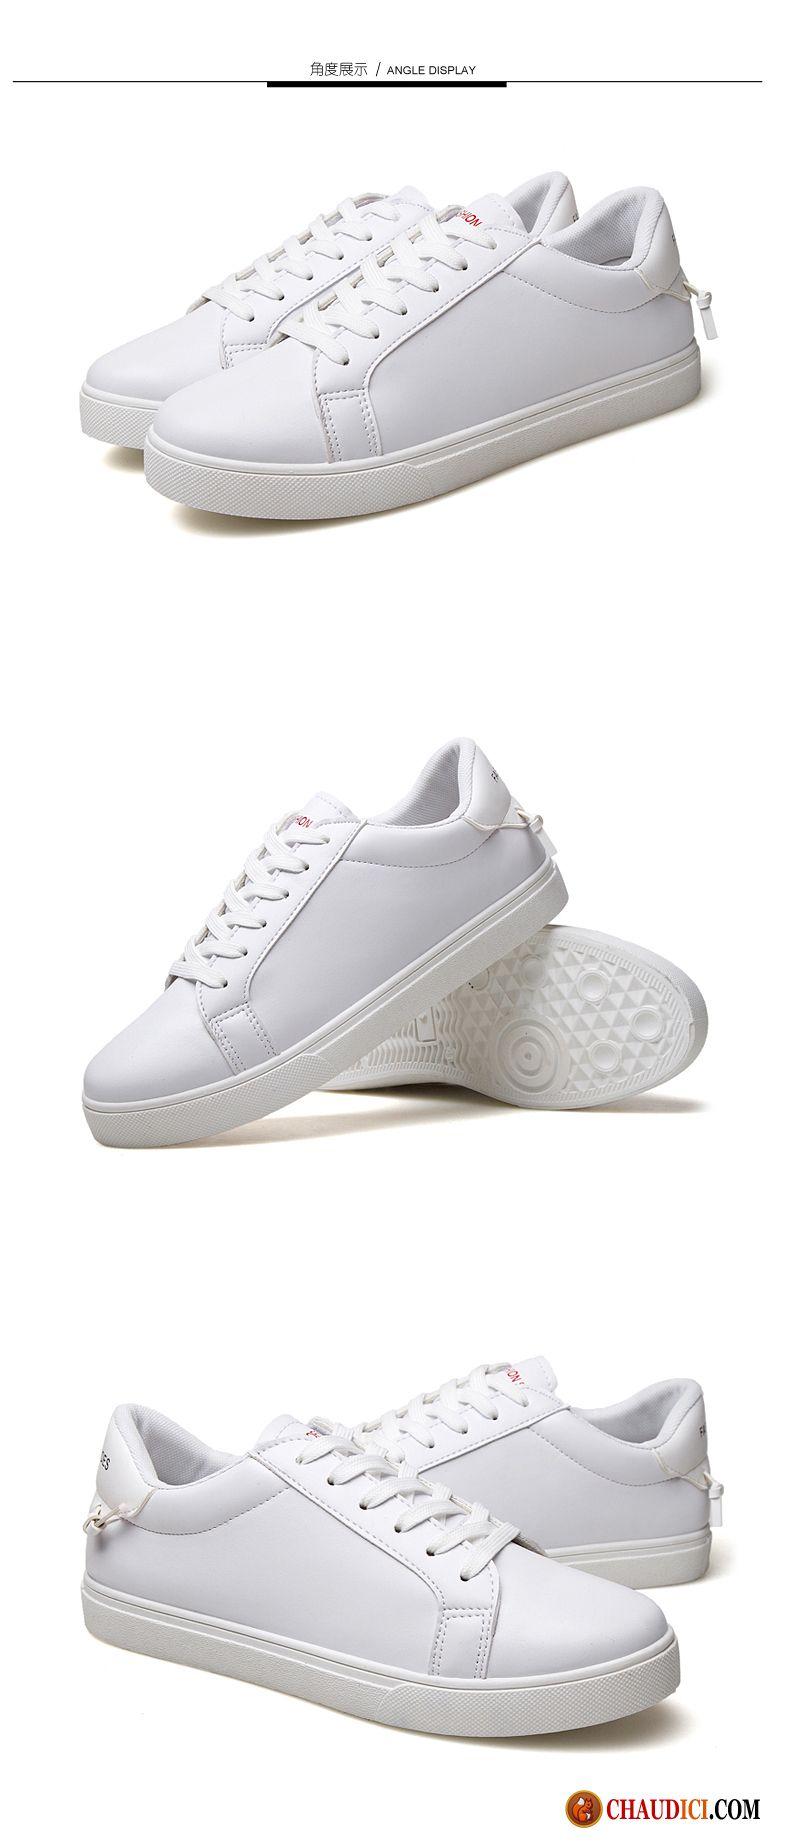 homme l 39 automne site chaussure de simple chaussures basket. Black Bedroom Furniture Sets. Home Design Ideas